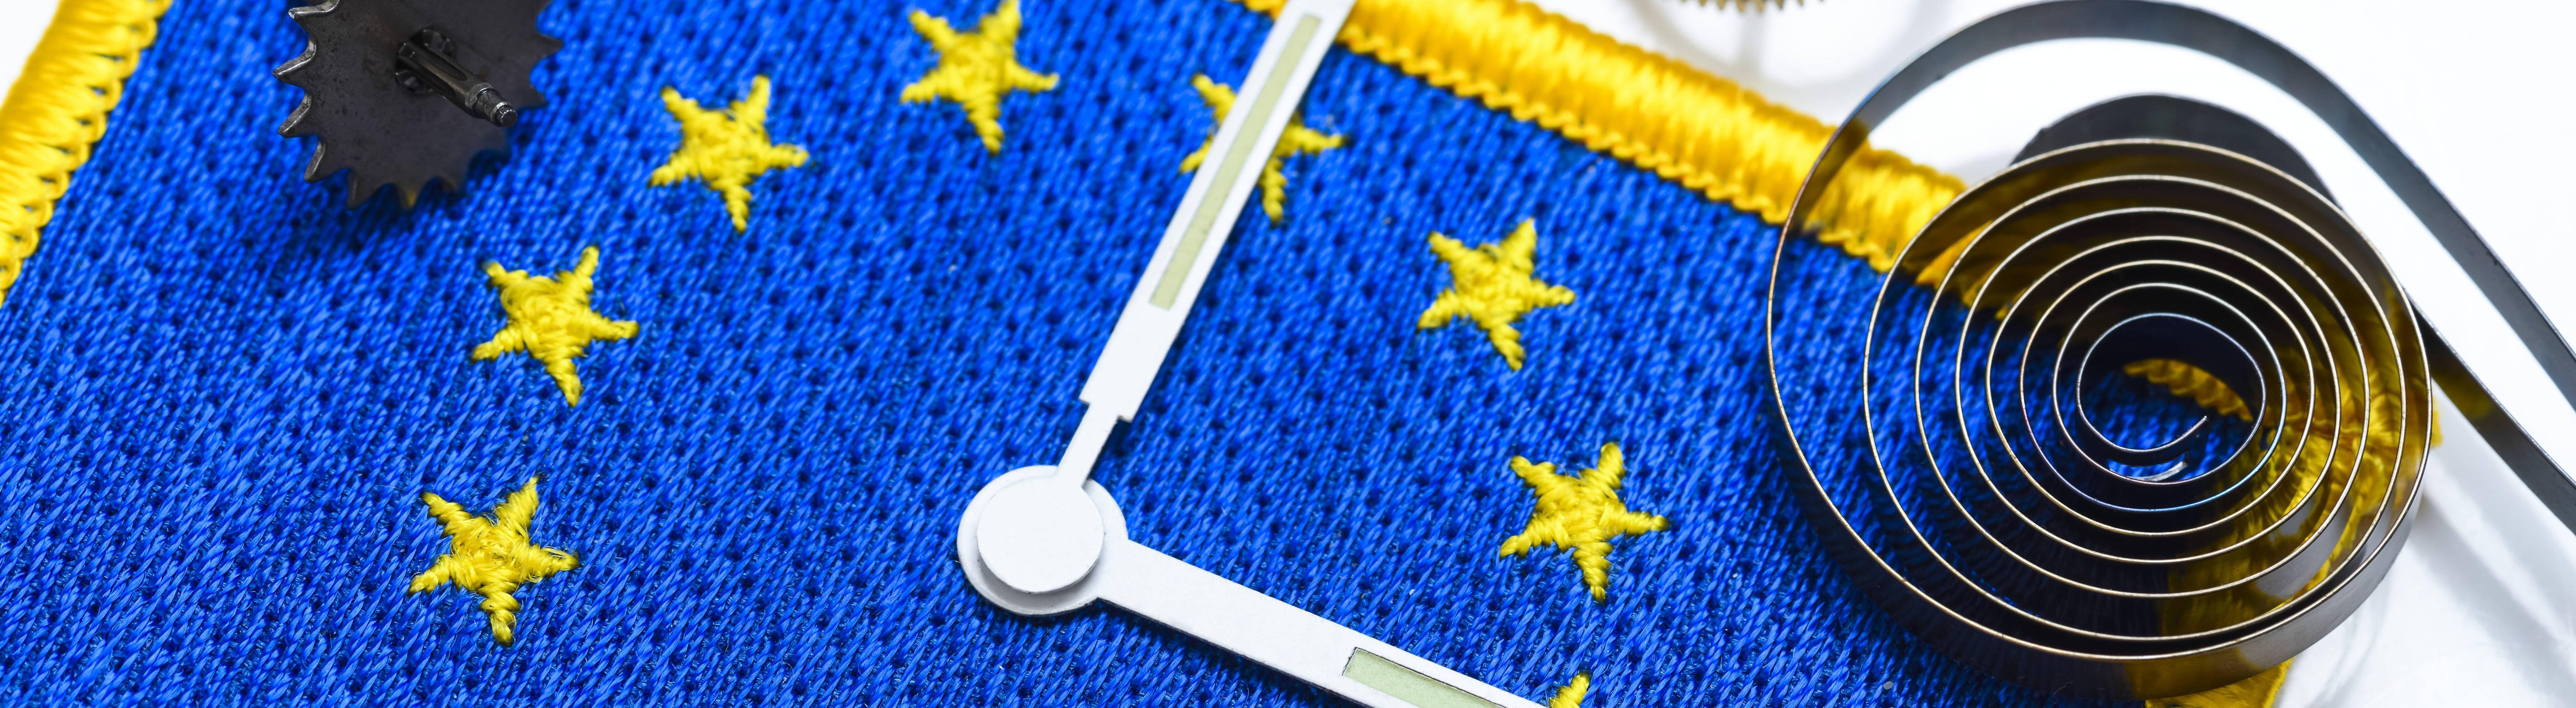 Uhrzeiger auf EU-Fahne, Abschaffung der Zeitumstellung